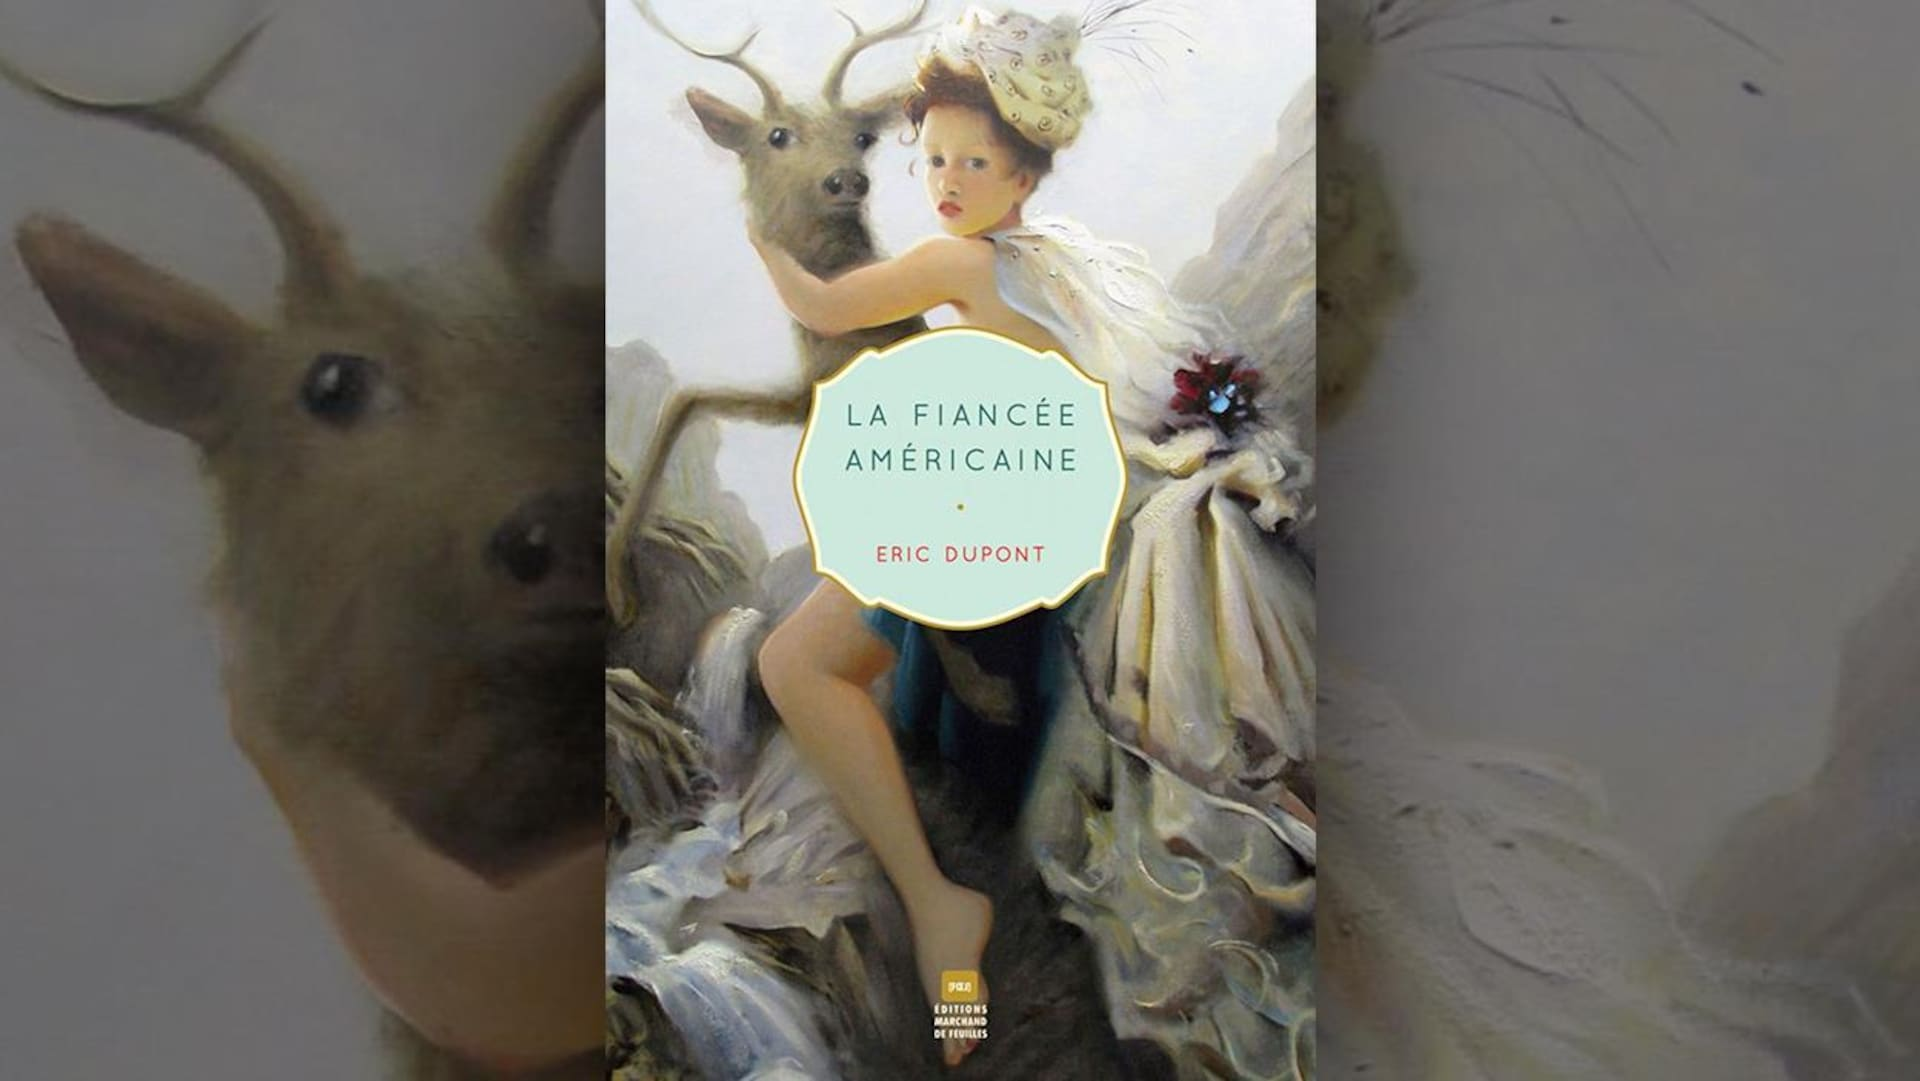 Sur la couverture du livre  La fiancée américaine  d'Éric Dupont de trouve l'illustration d'une femme coiffée d'un turban enlaçant un cervidé.